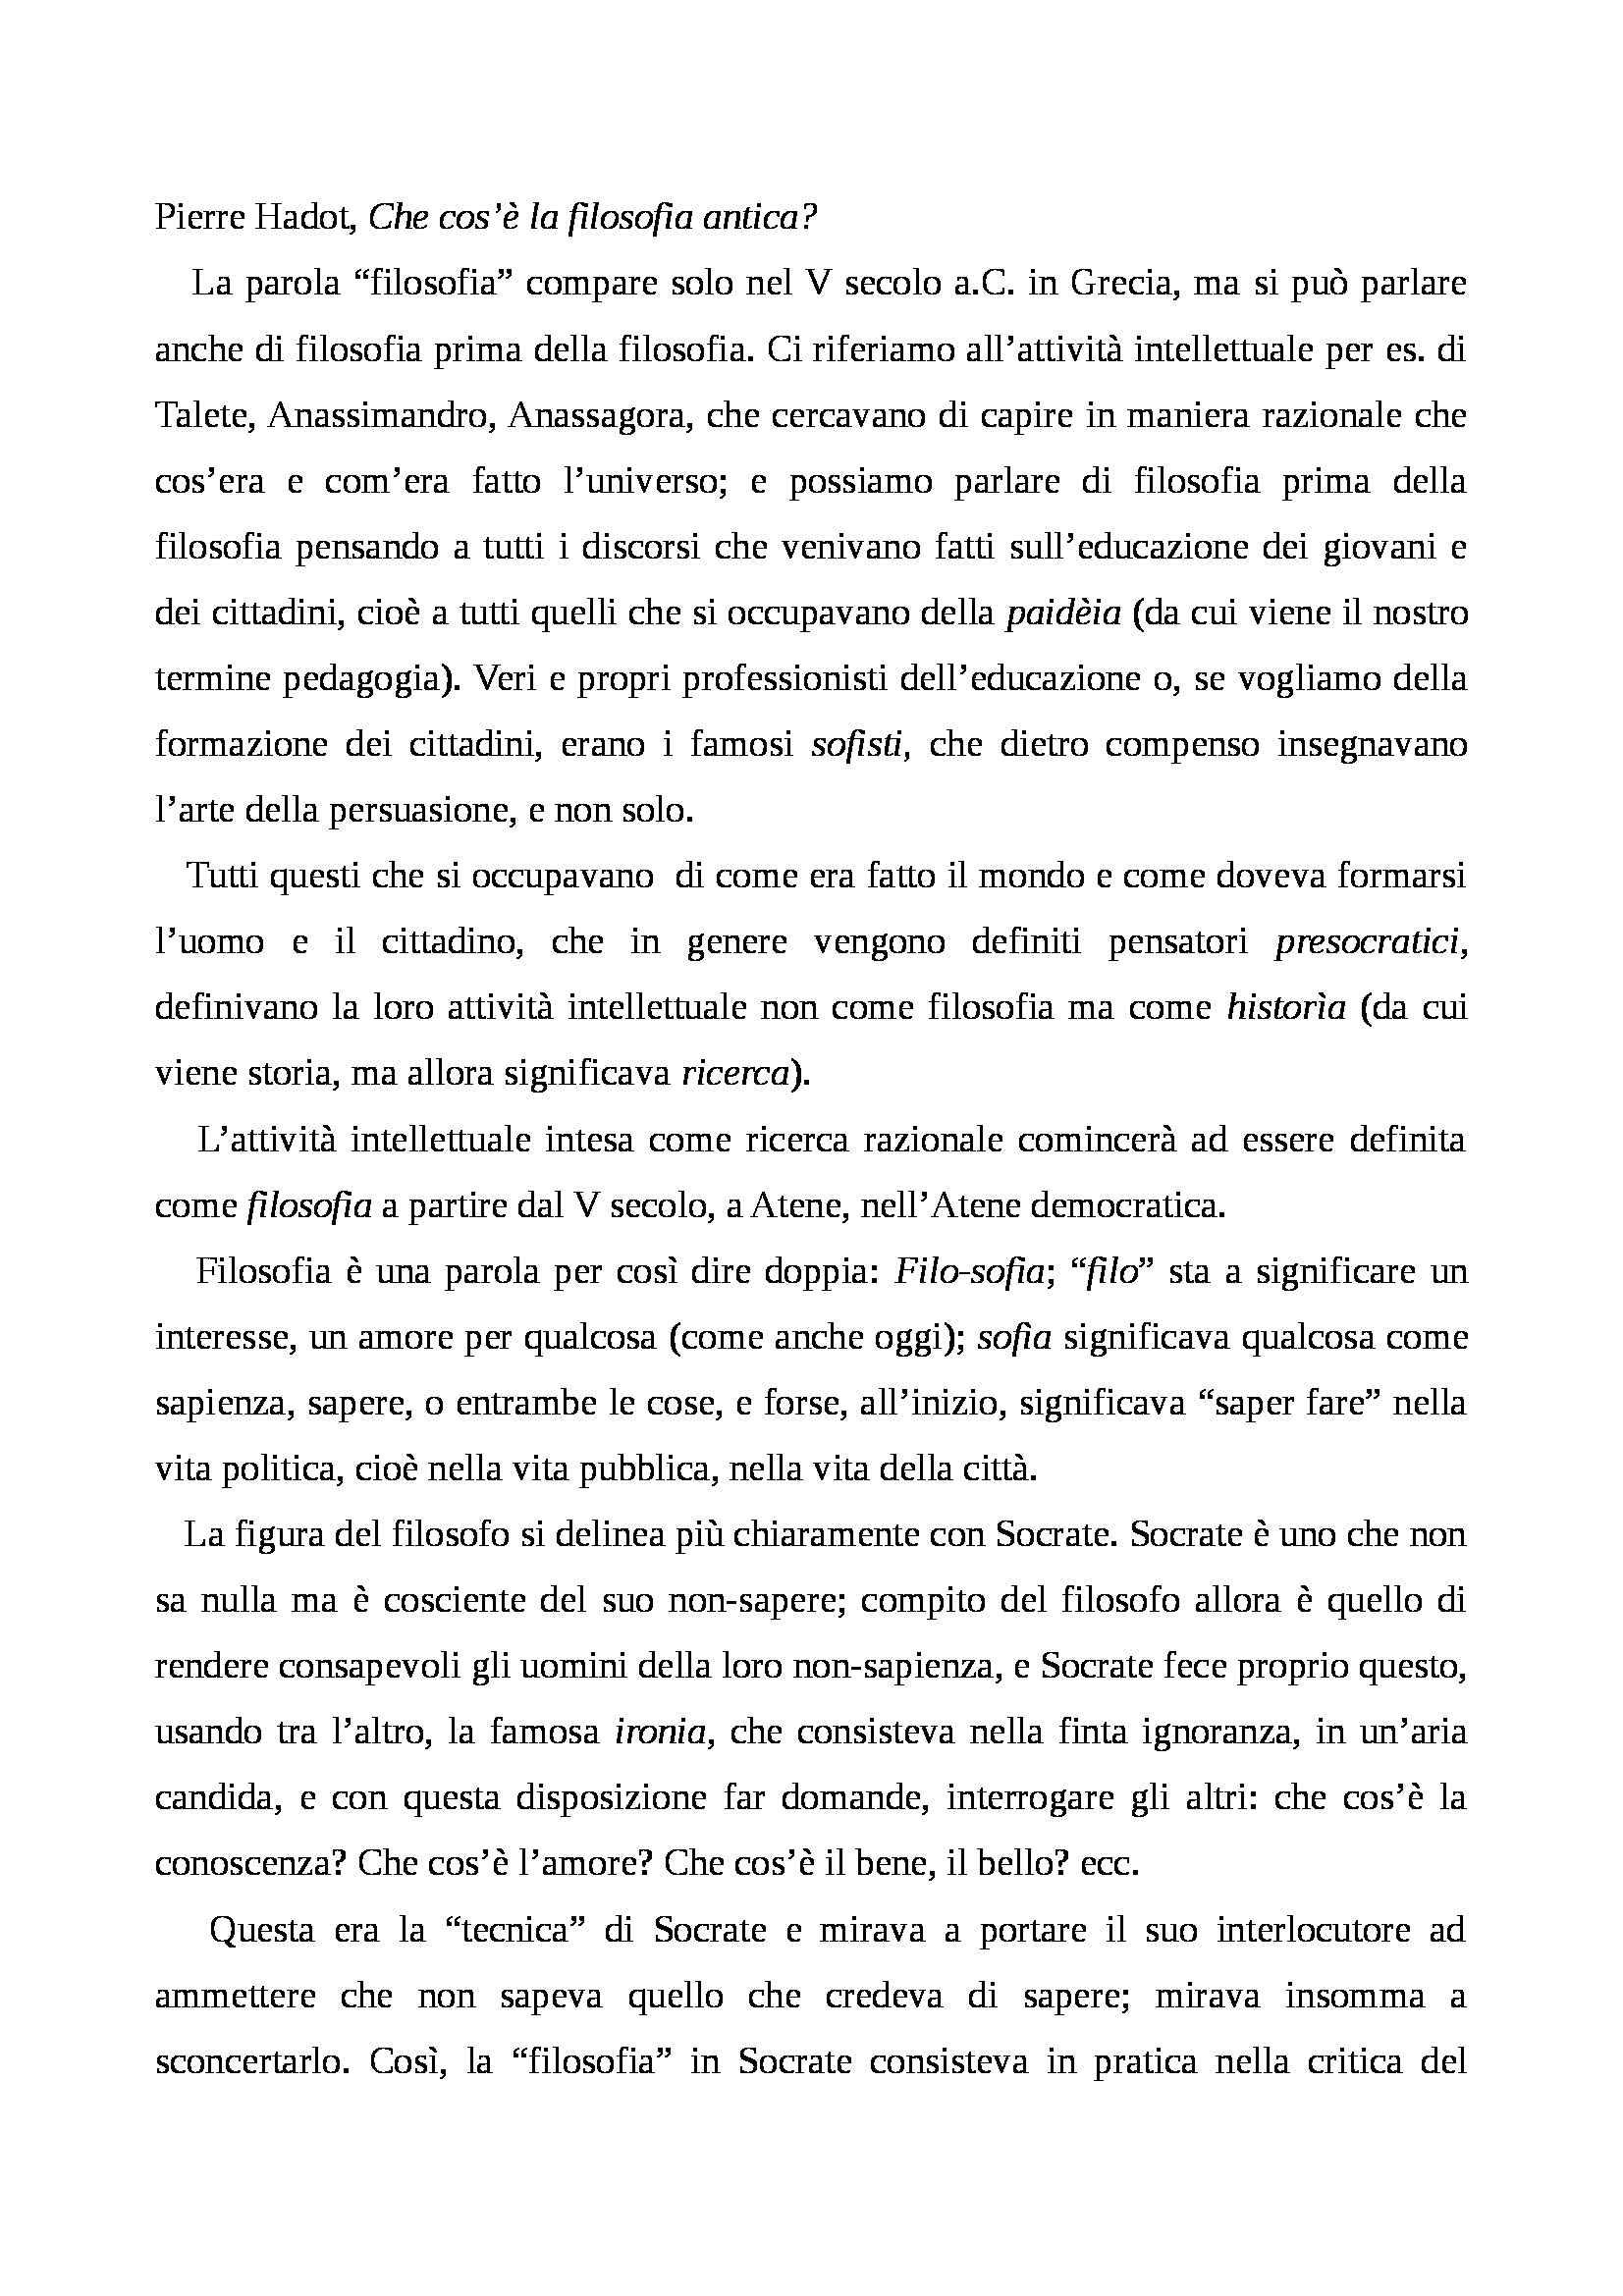 Che cos'è la filosofia antica?, Pierre Hadot - Appunti